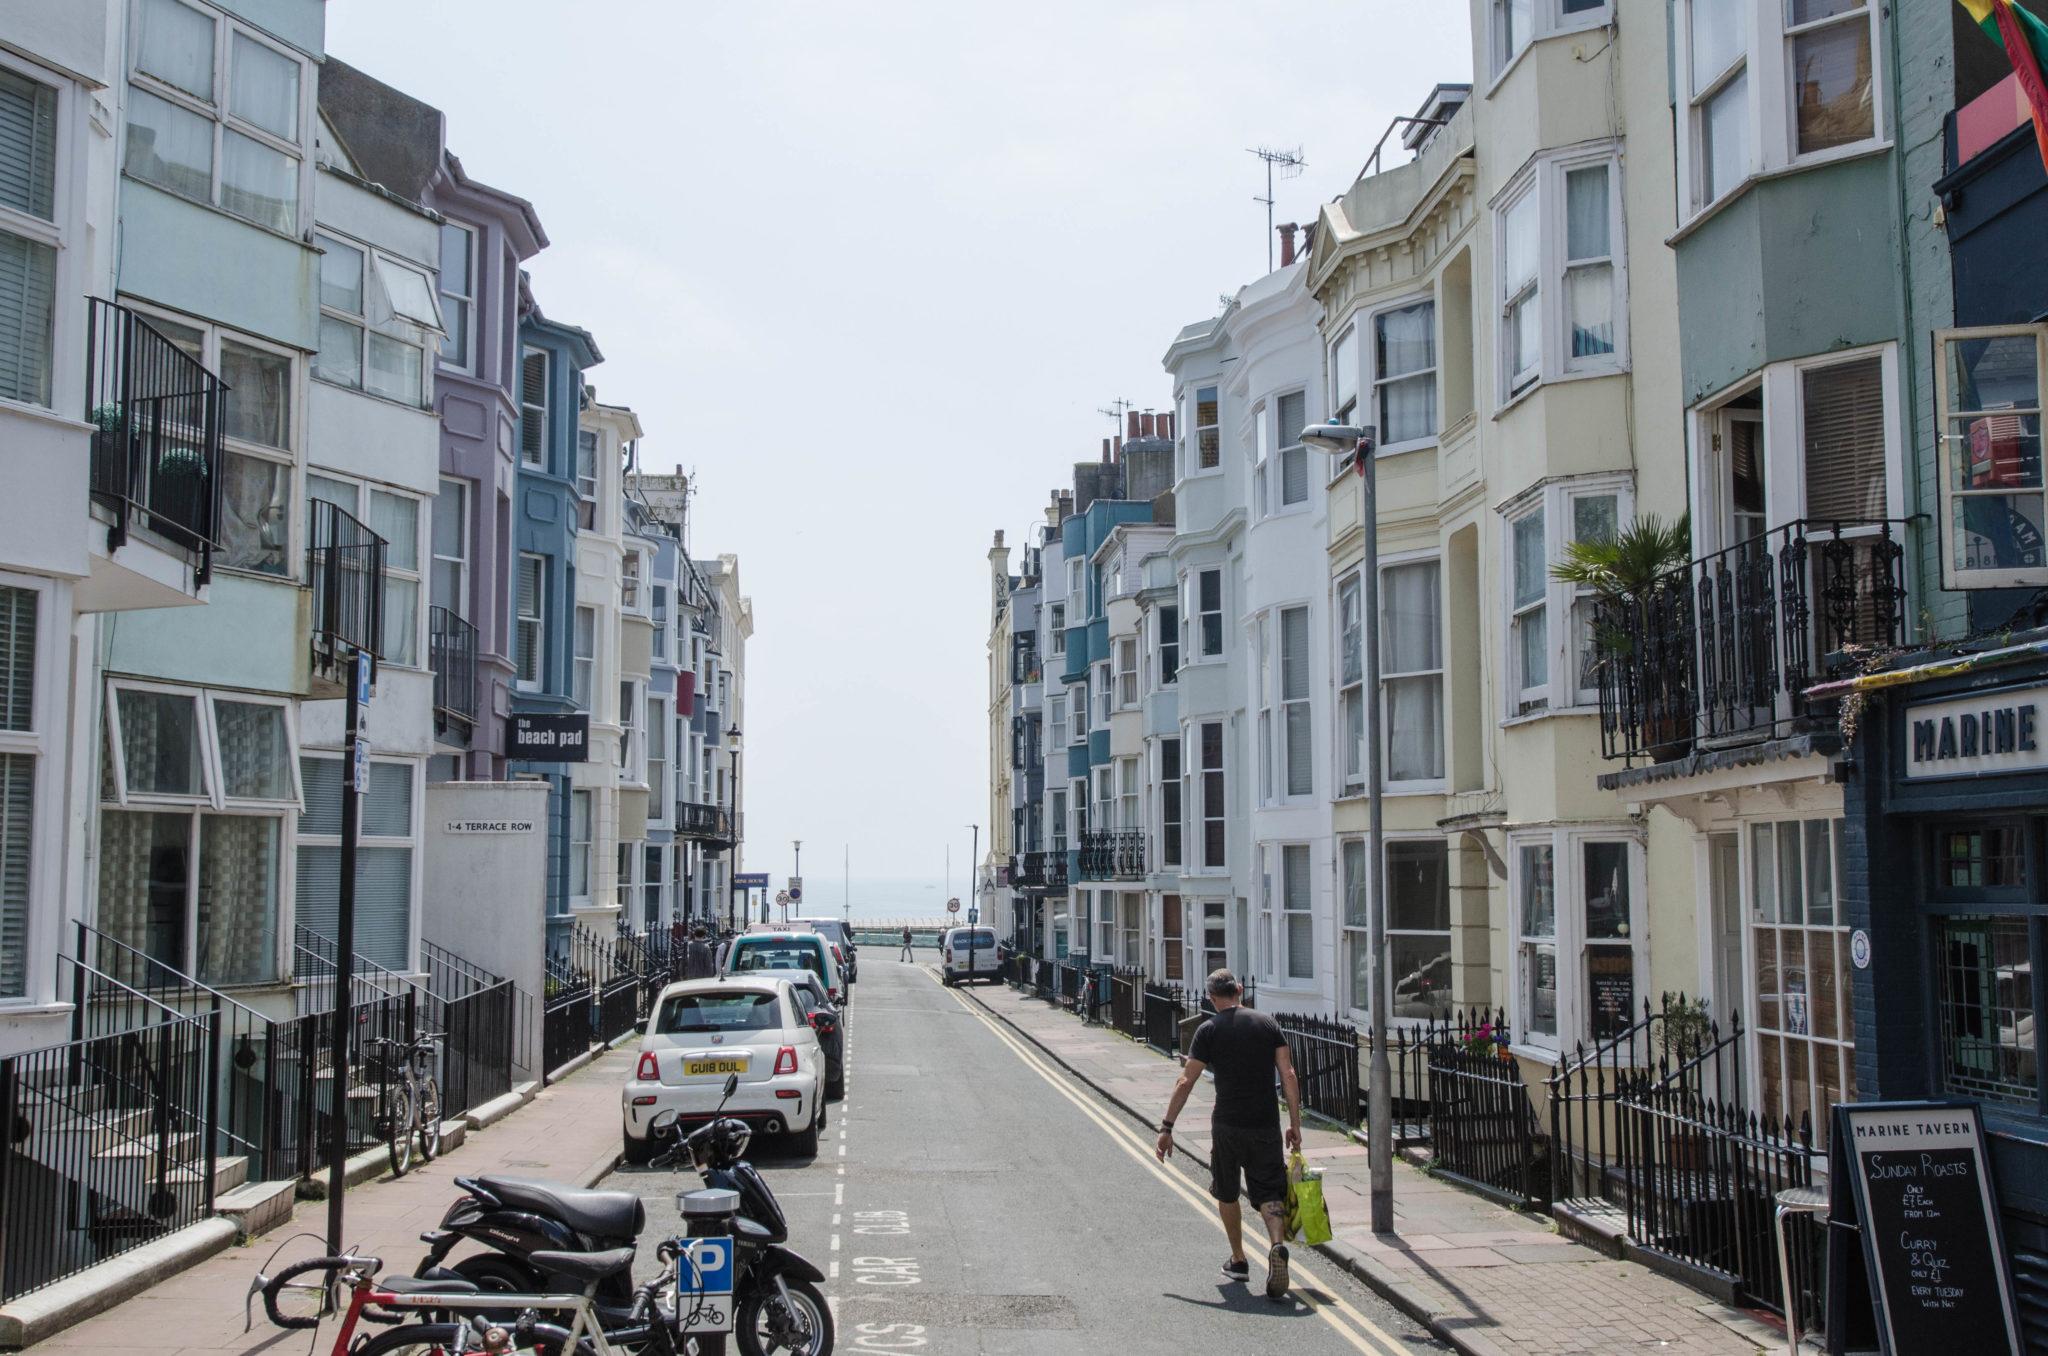 Der Stadtteil Kemptown ist das Herz der Künstler in Brighton.